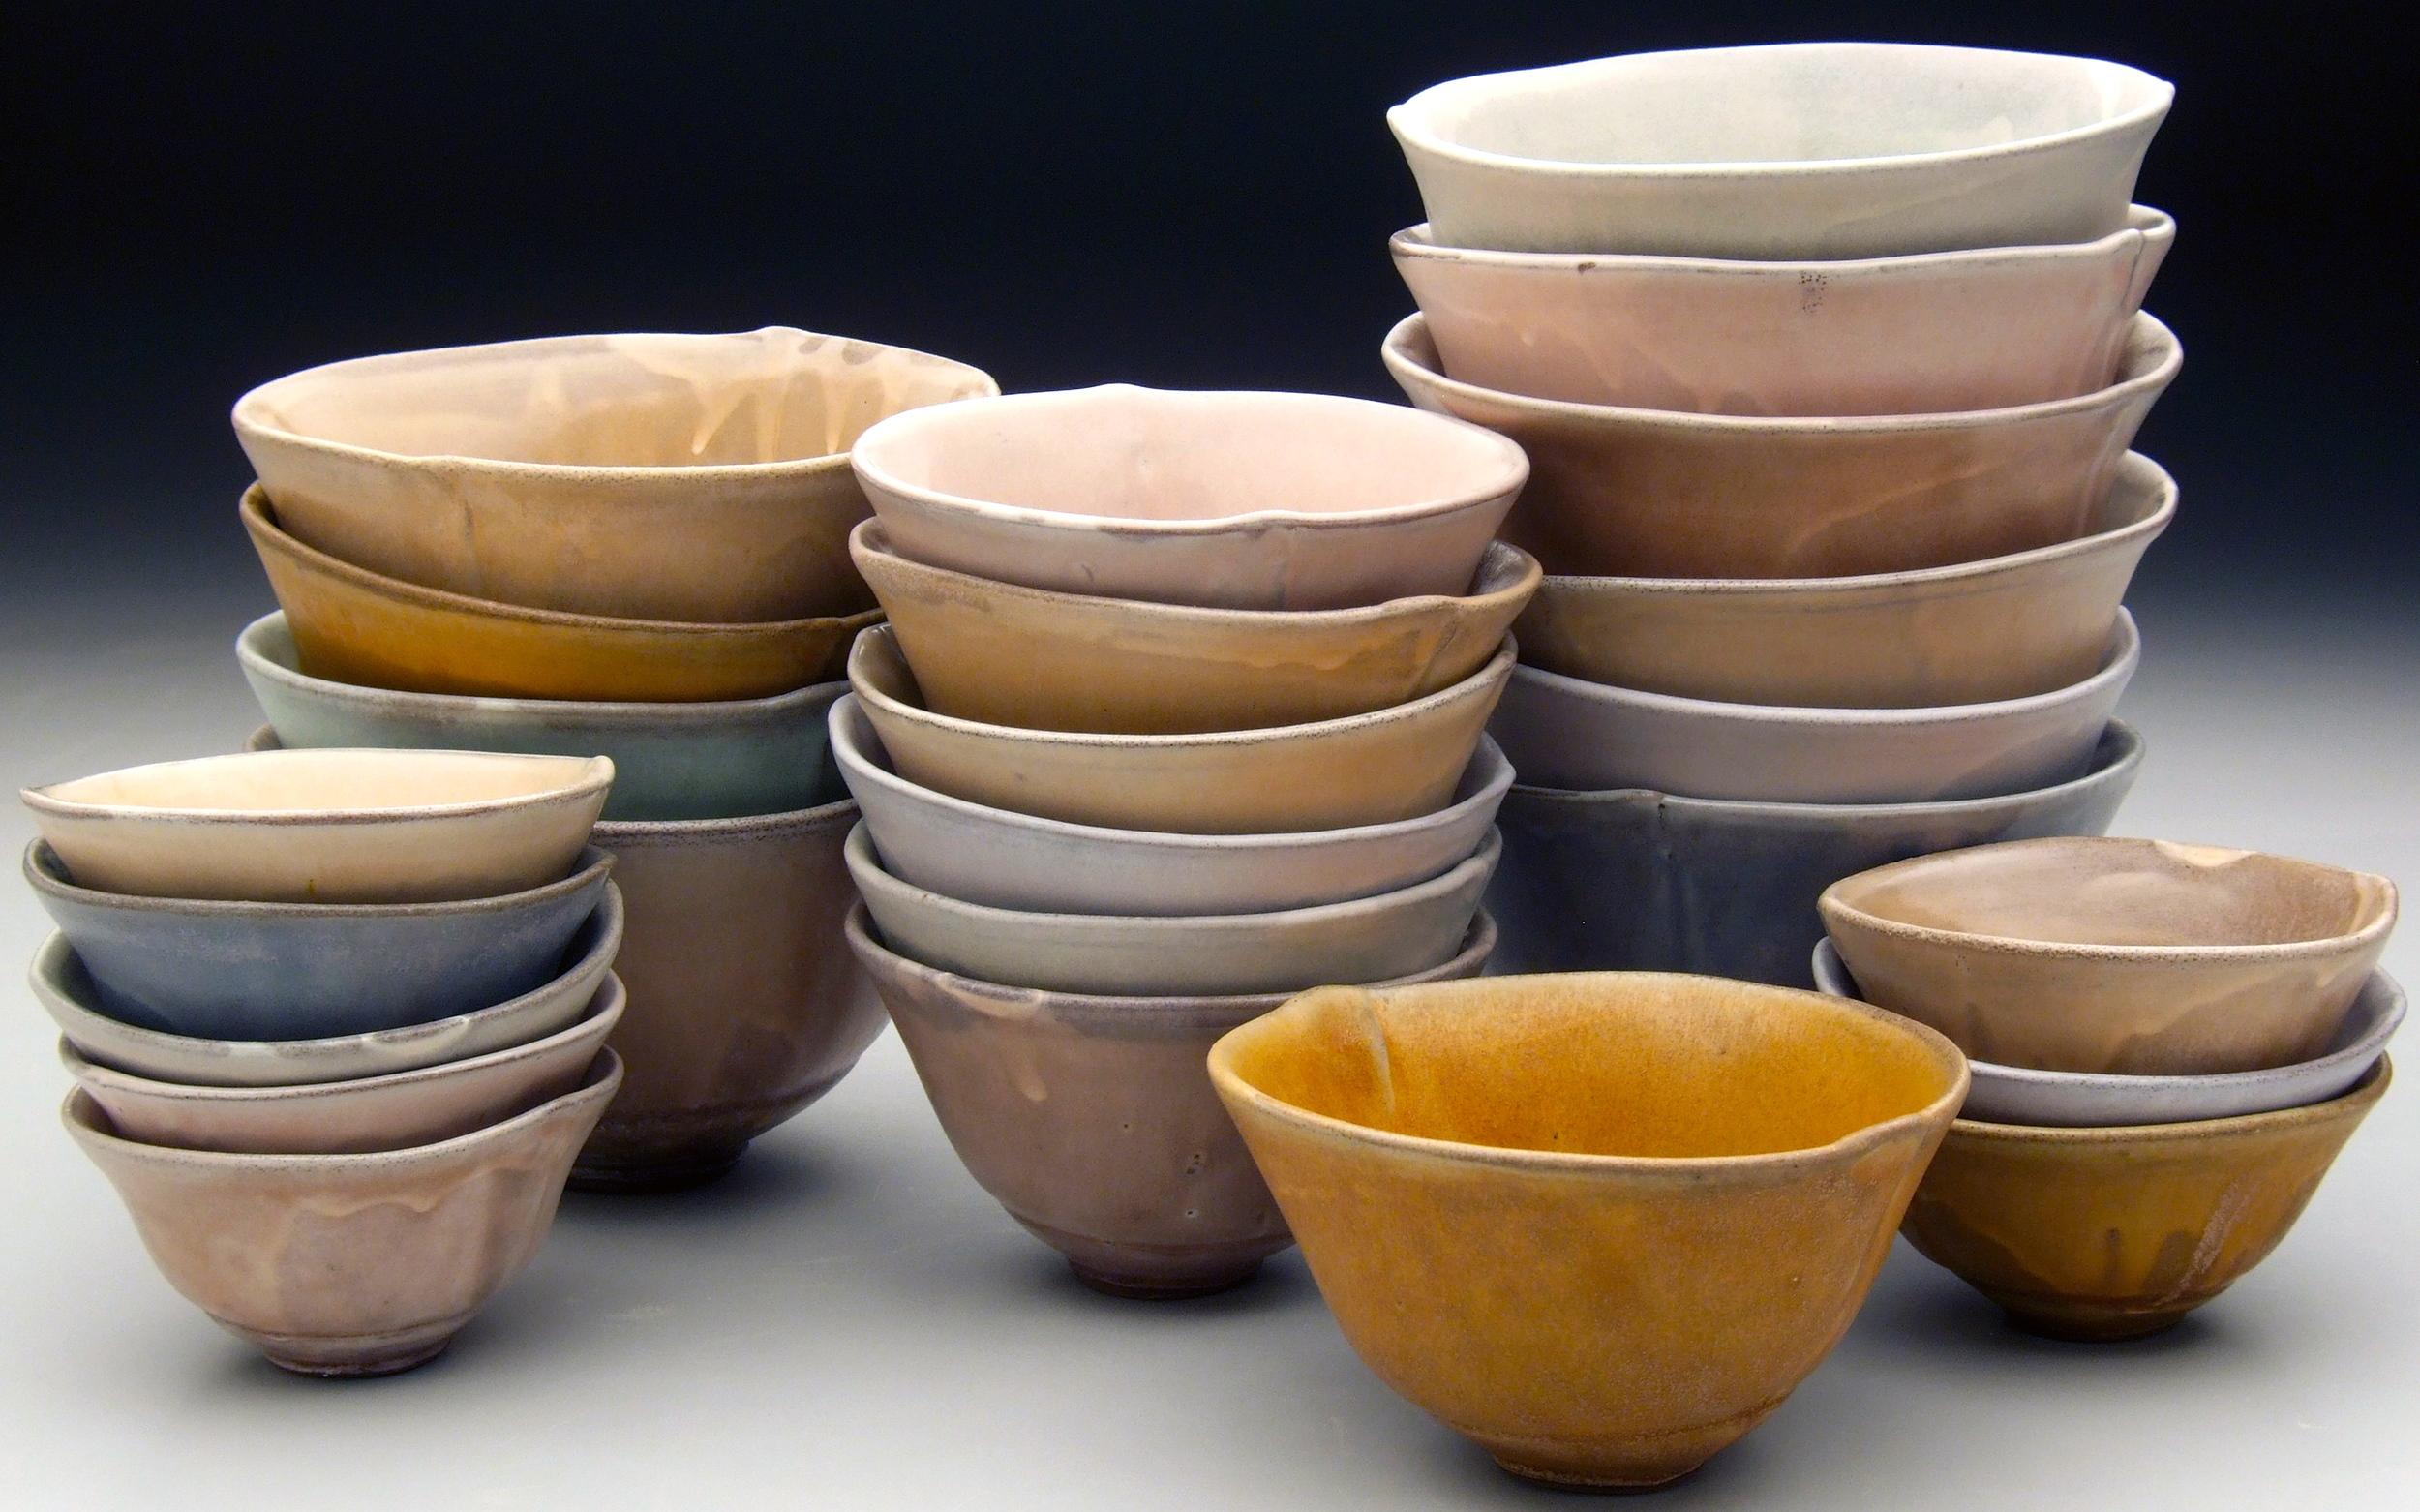 bowl stacks, 2009